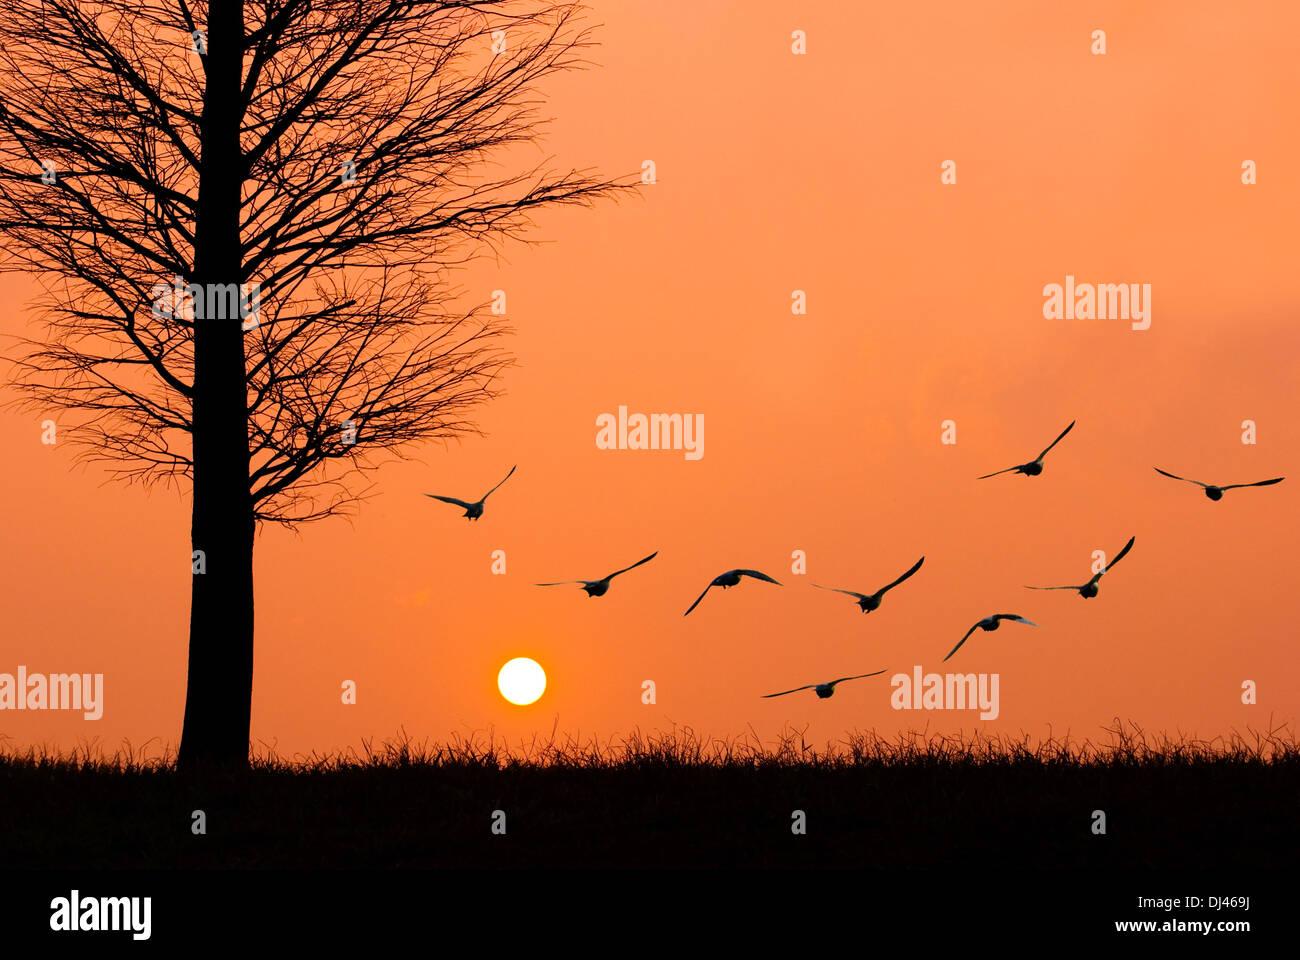 Des oiseaux volent au soleil. Photo Stock